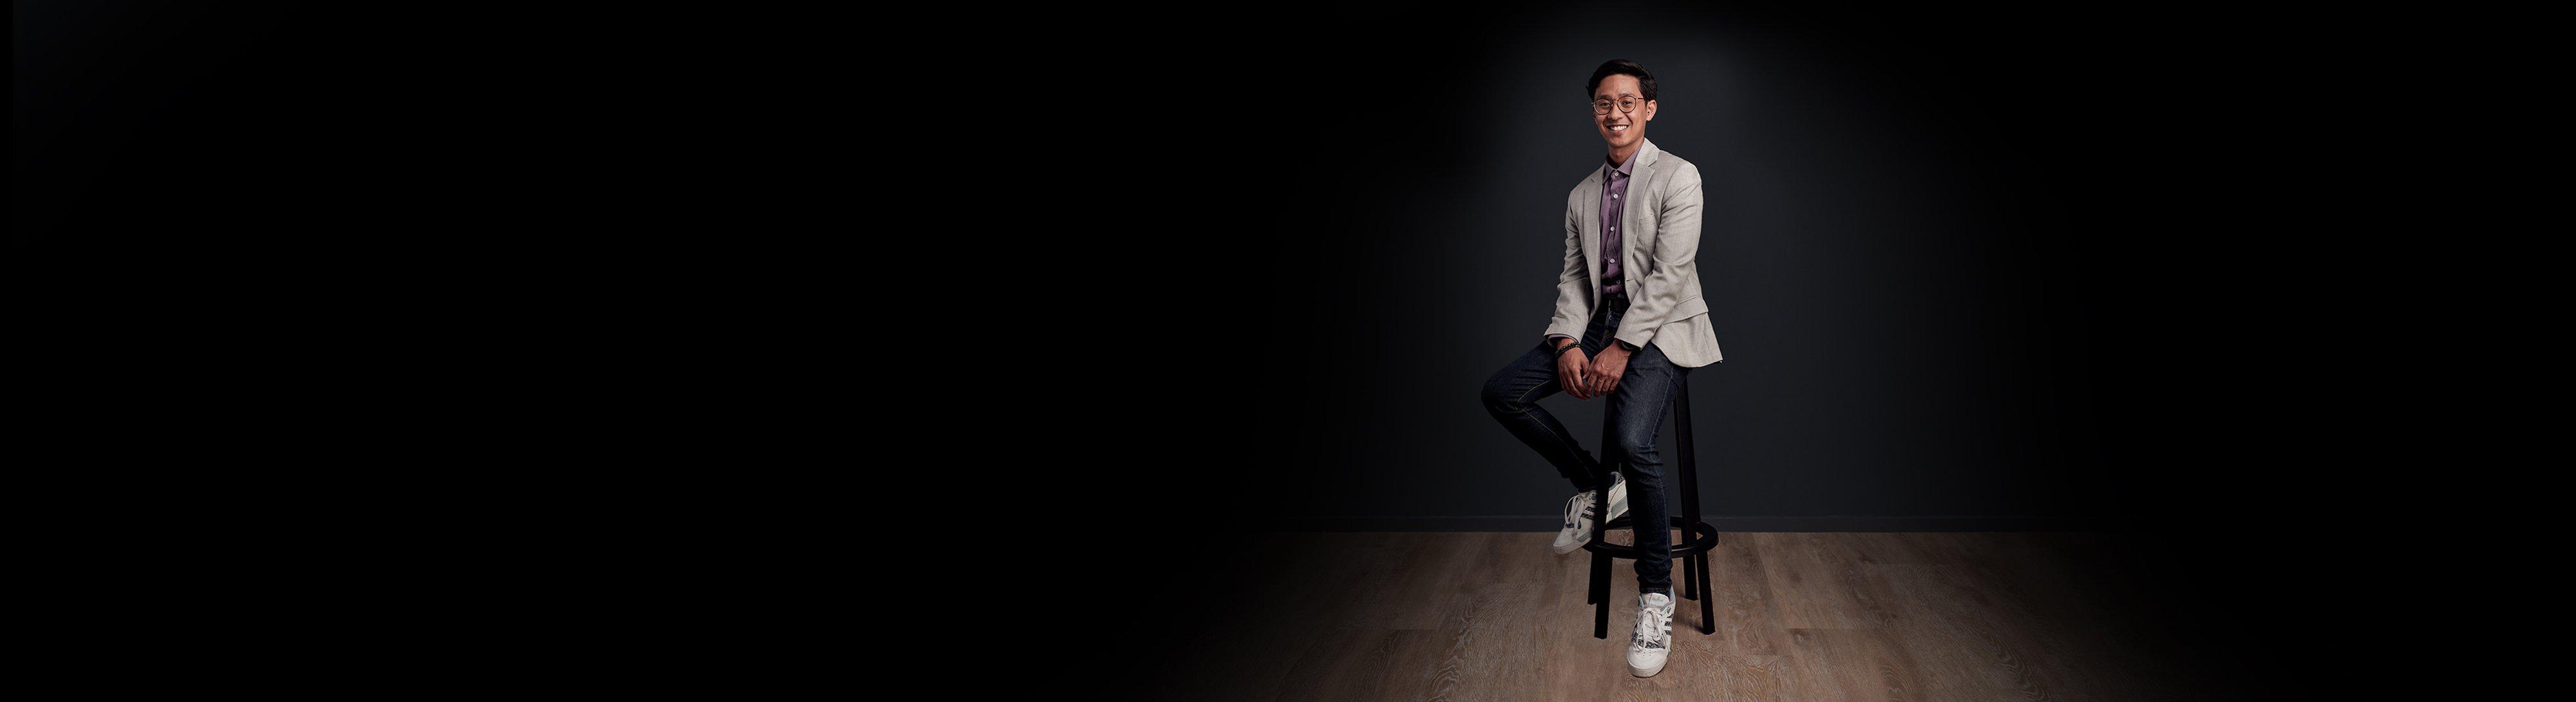 Mitchell Tjong-Akiet